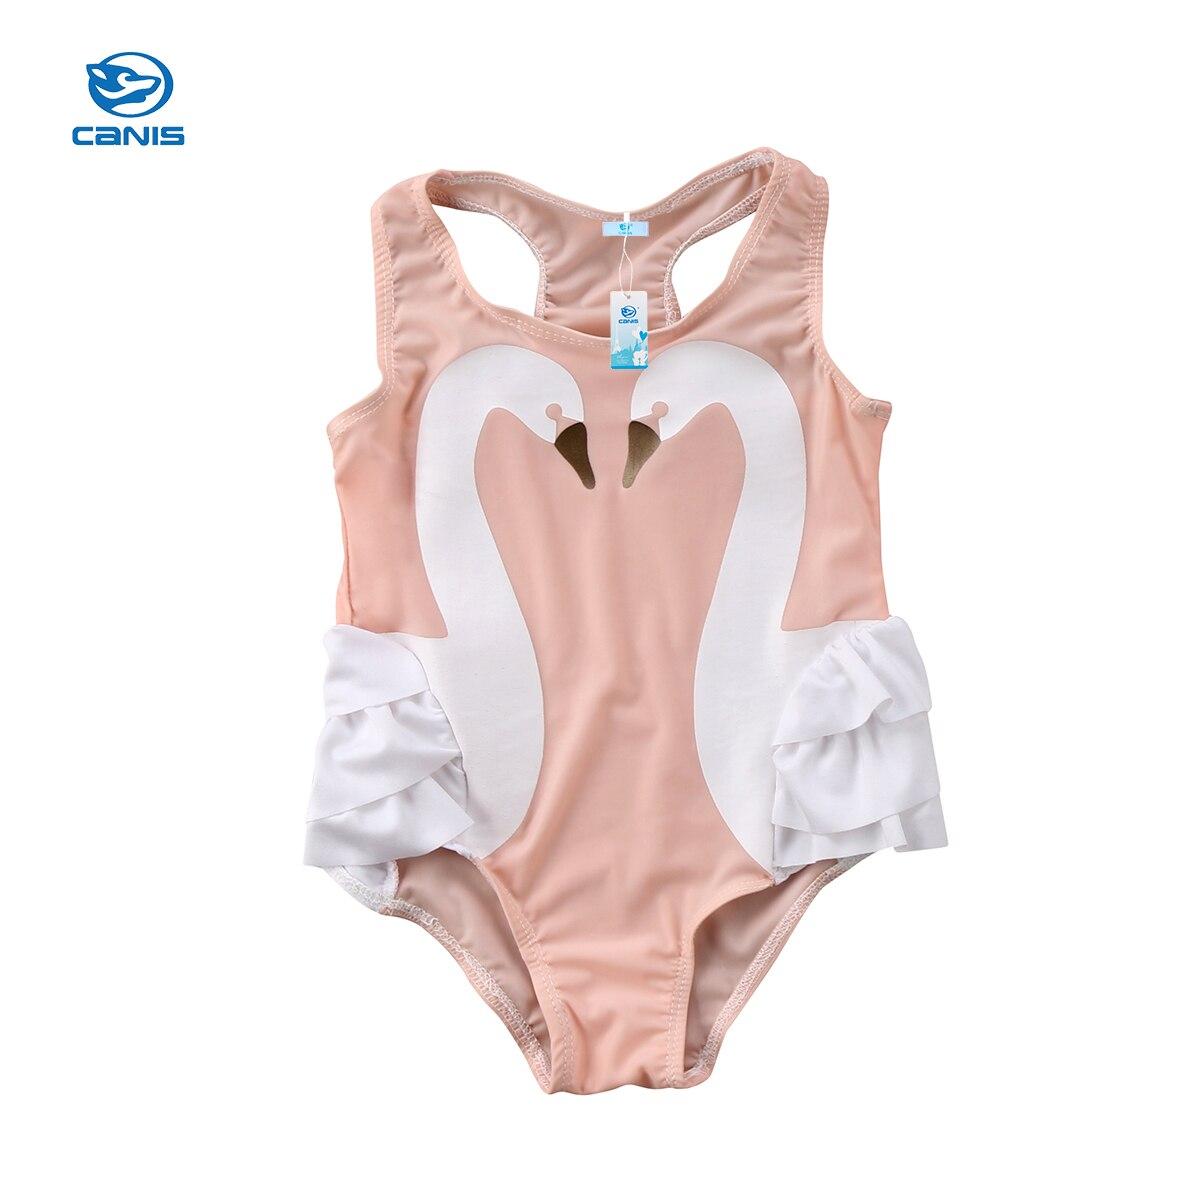 Baby Kids Girl Swan Swimwear Swimming Costume Swimsuit Bikini Monokini Beachwear